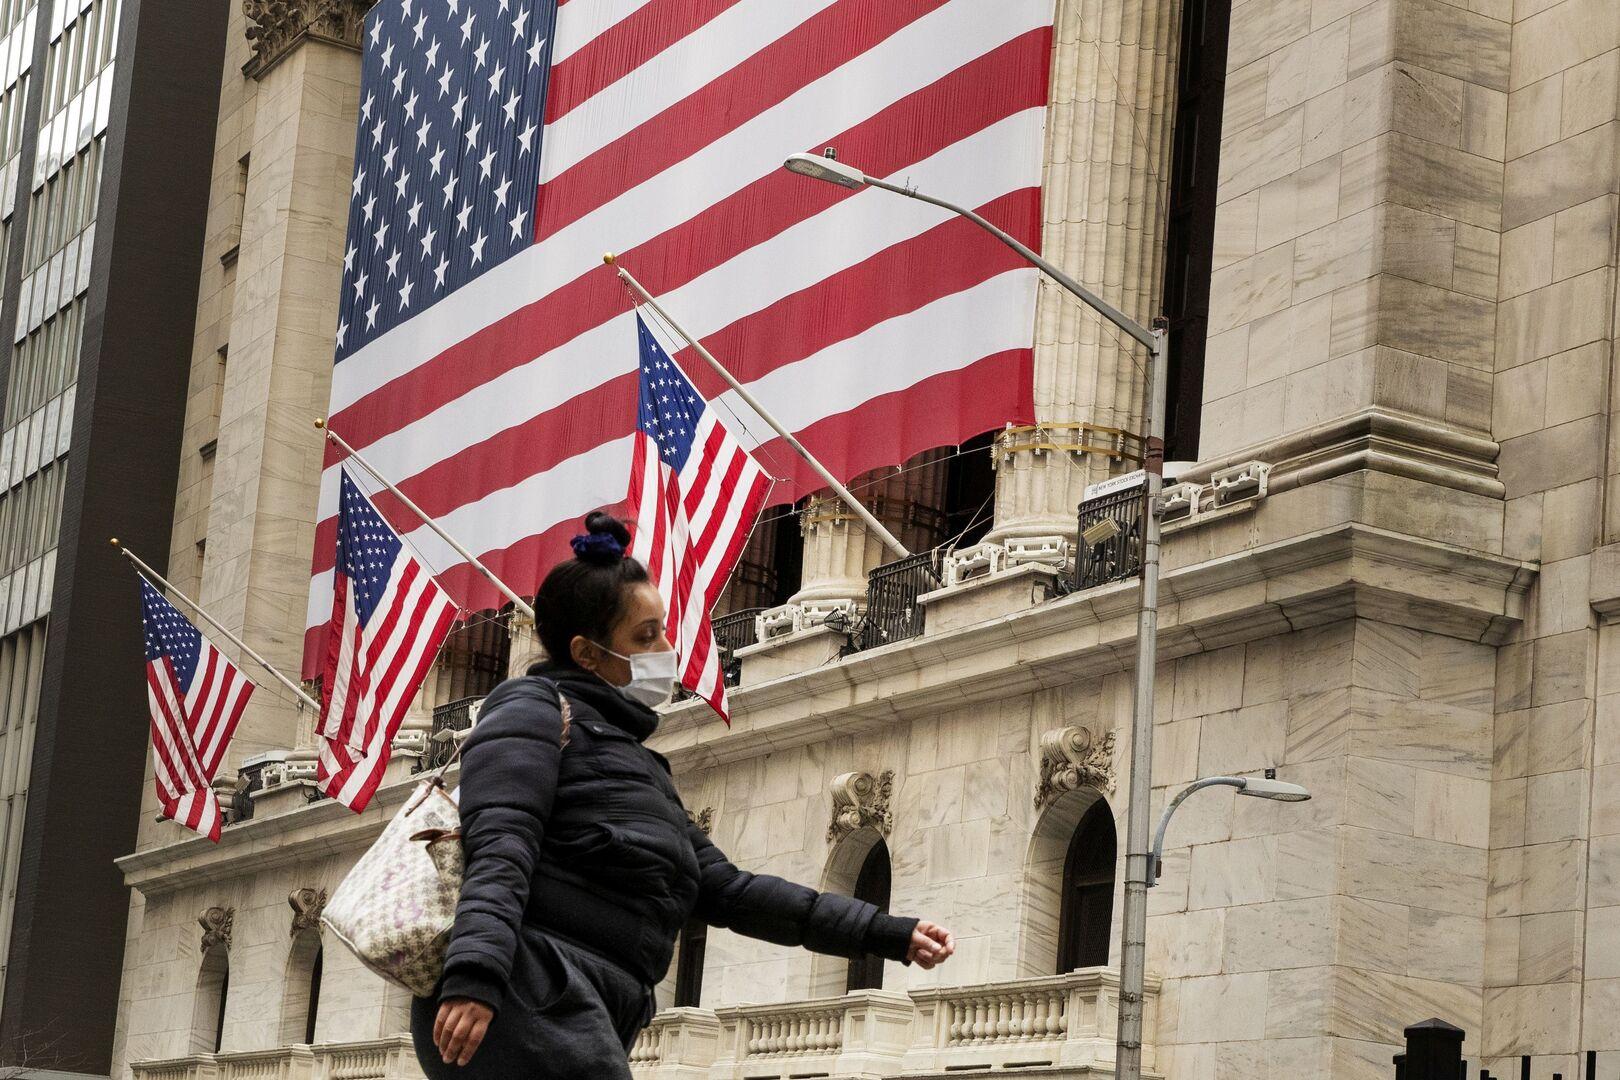 البورصة الأمريكية تصعد بعد أوامر من ترامب